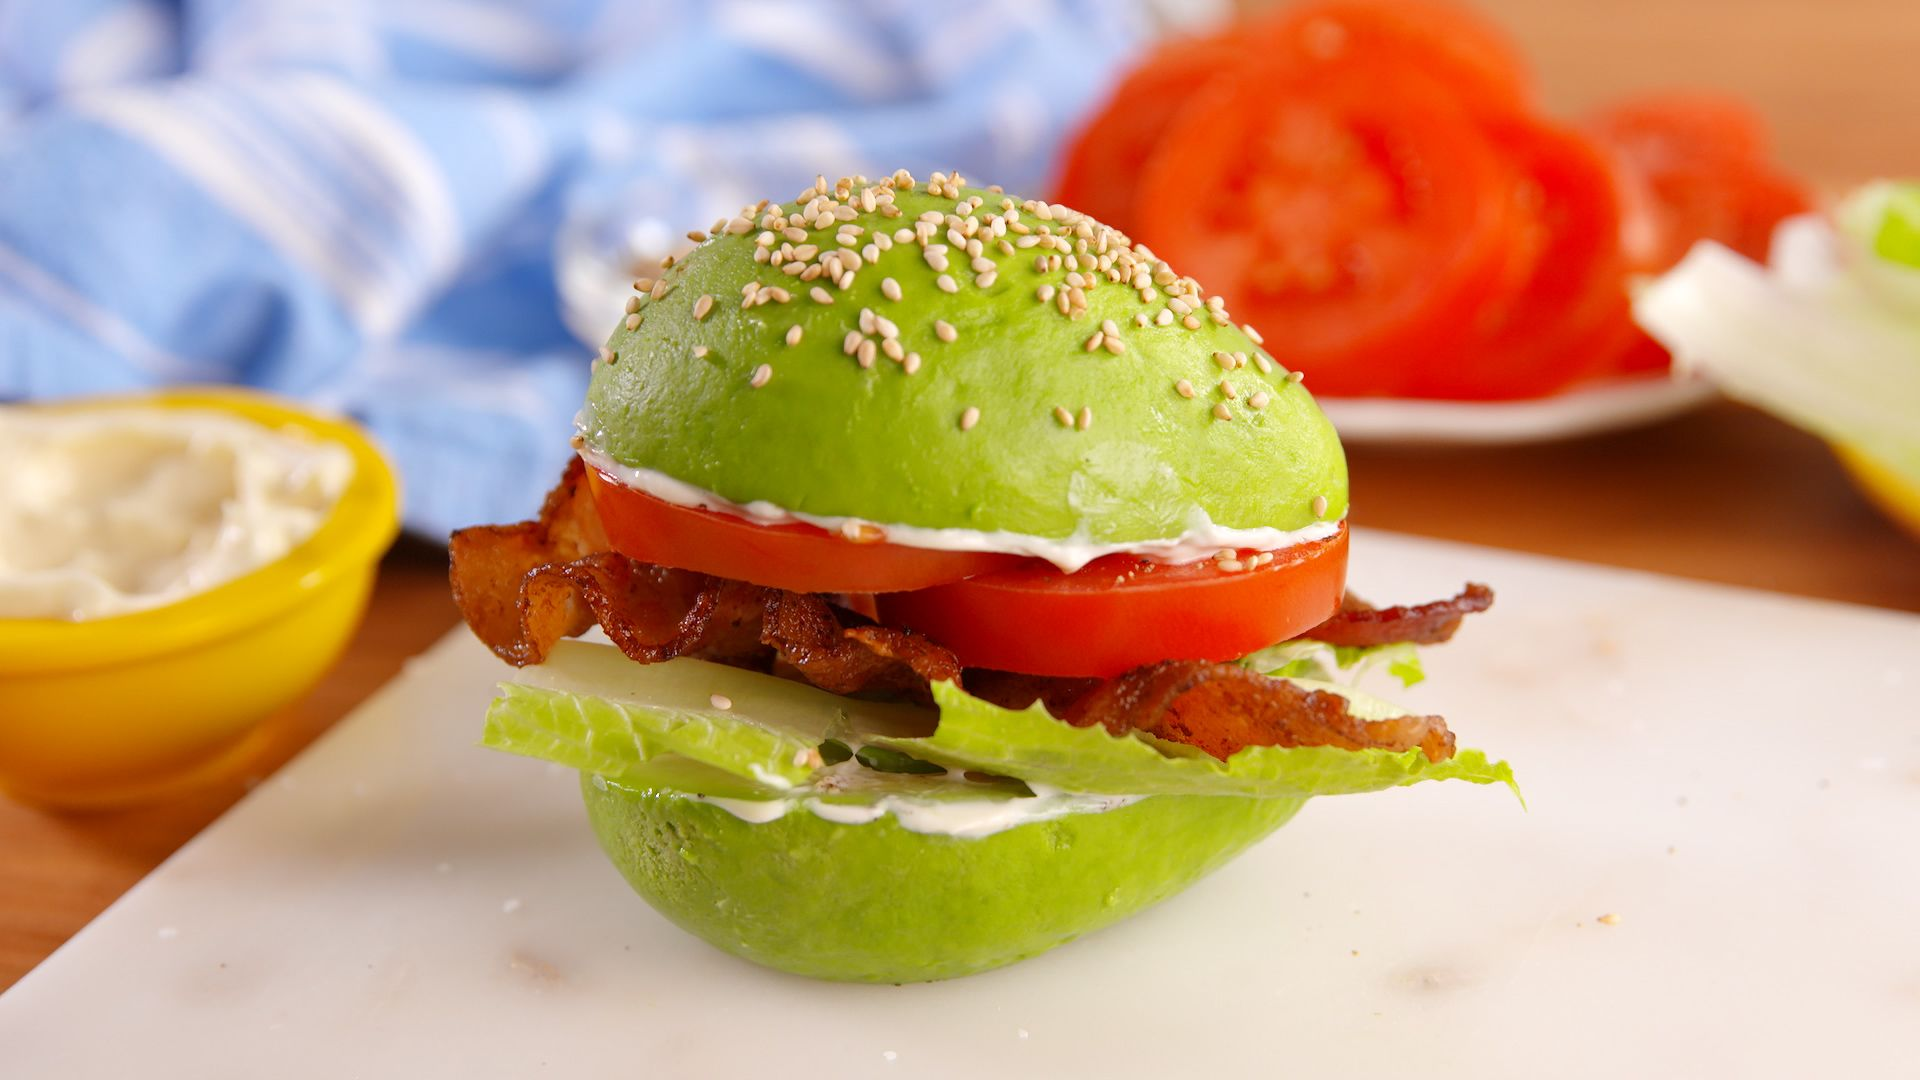 best avocado bun blt recipe how to make avocado bun blt